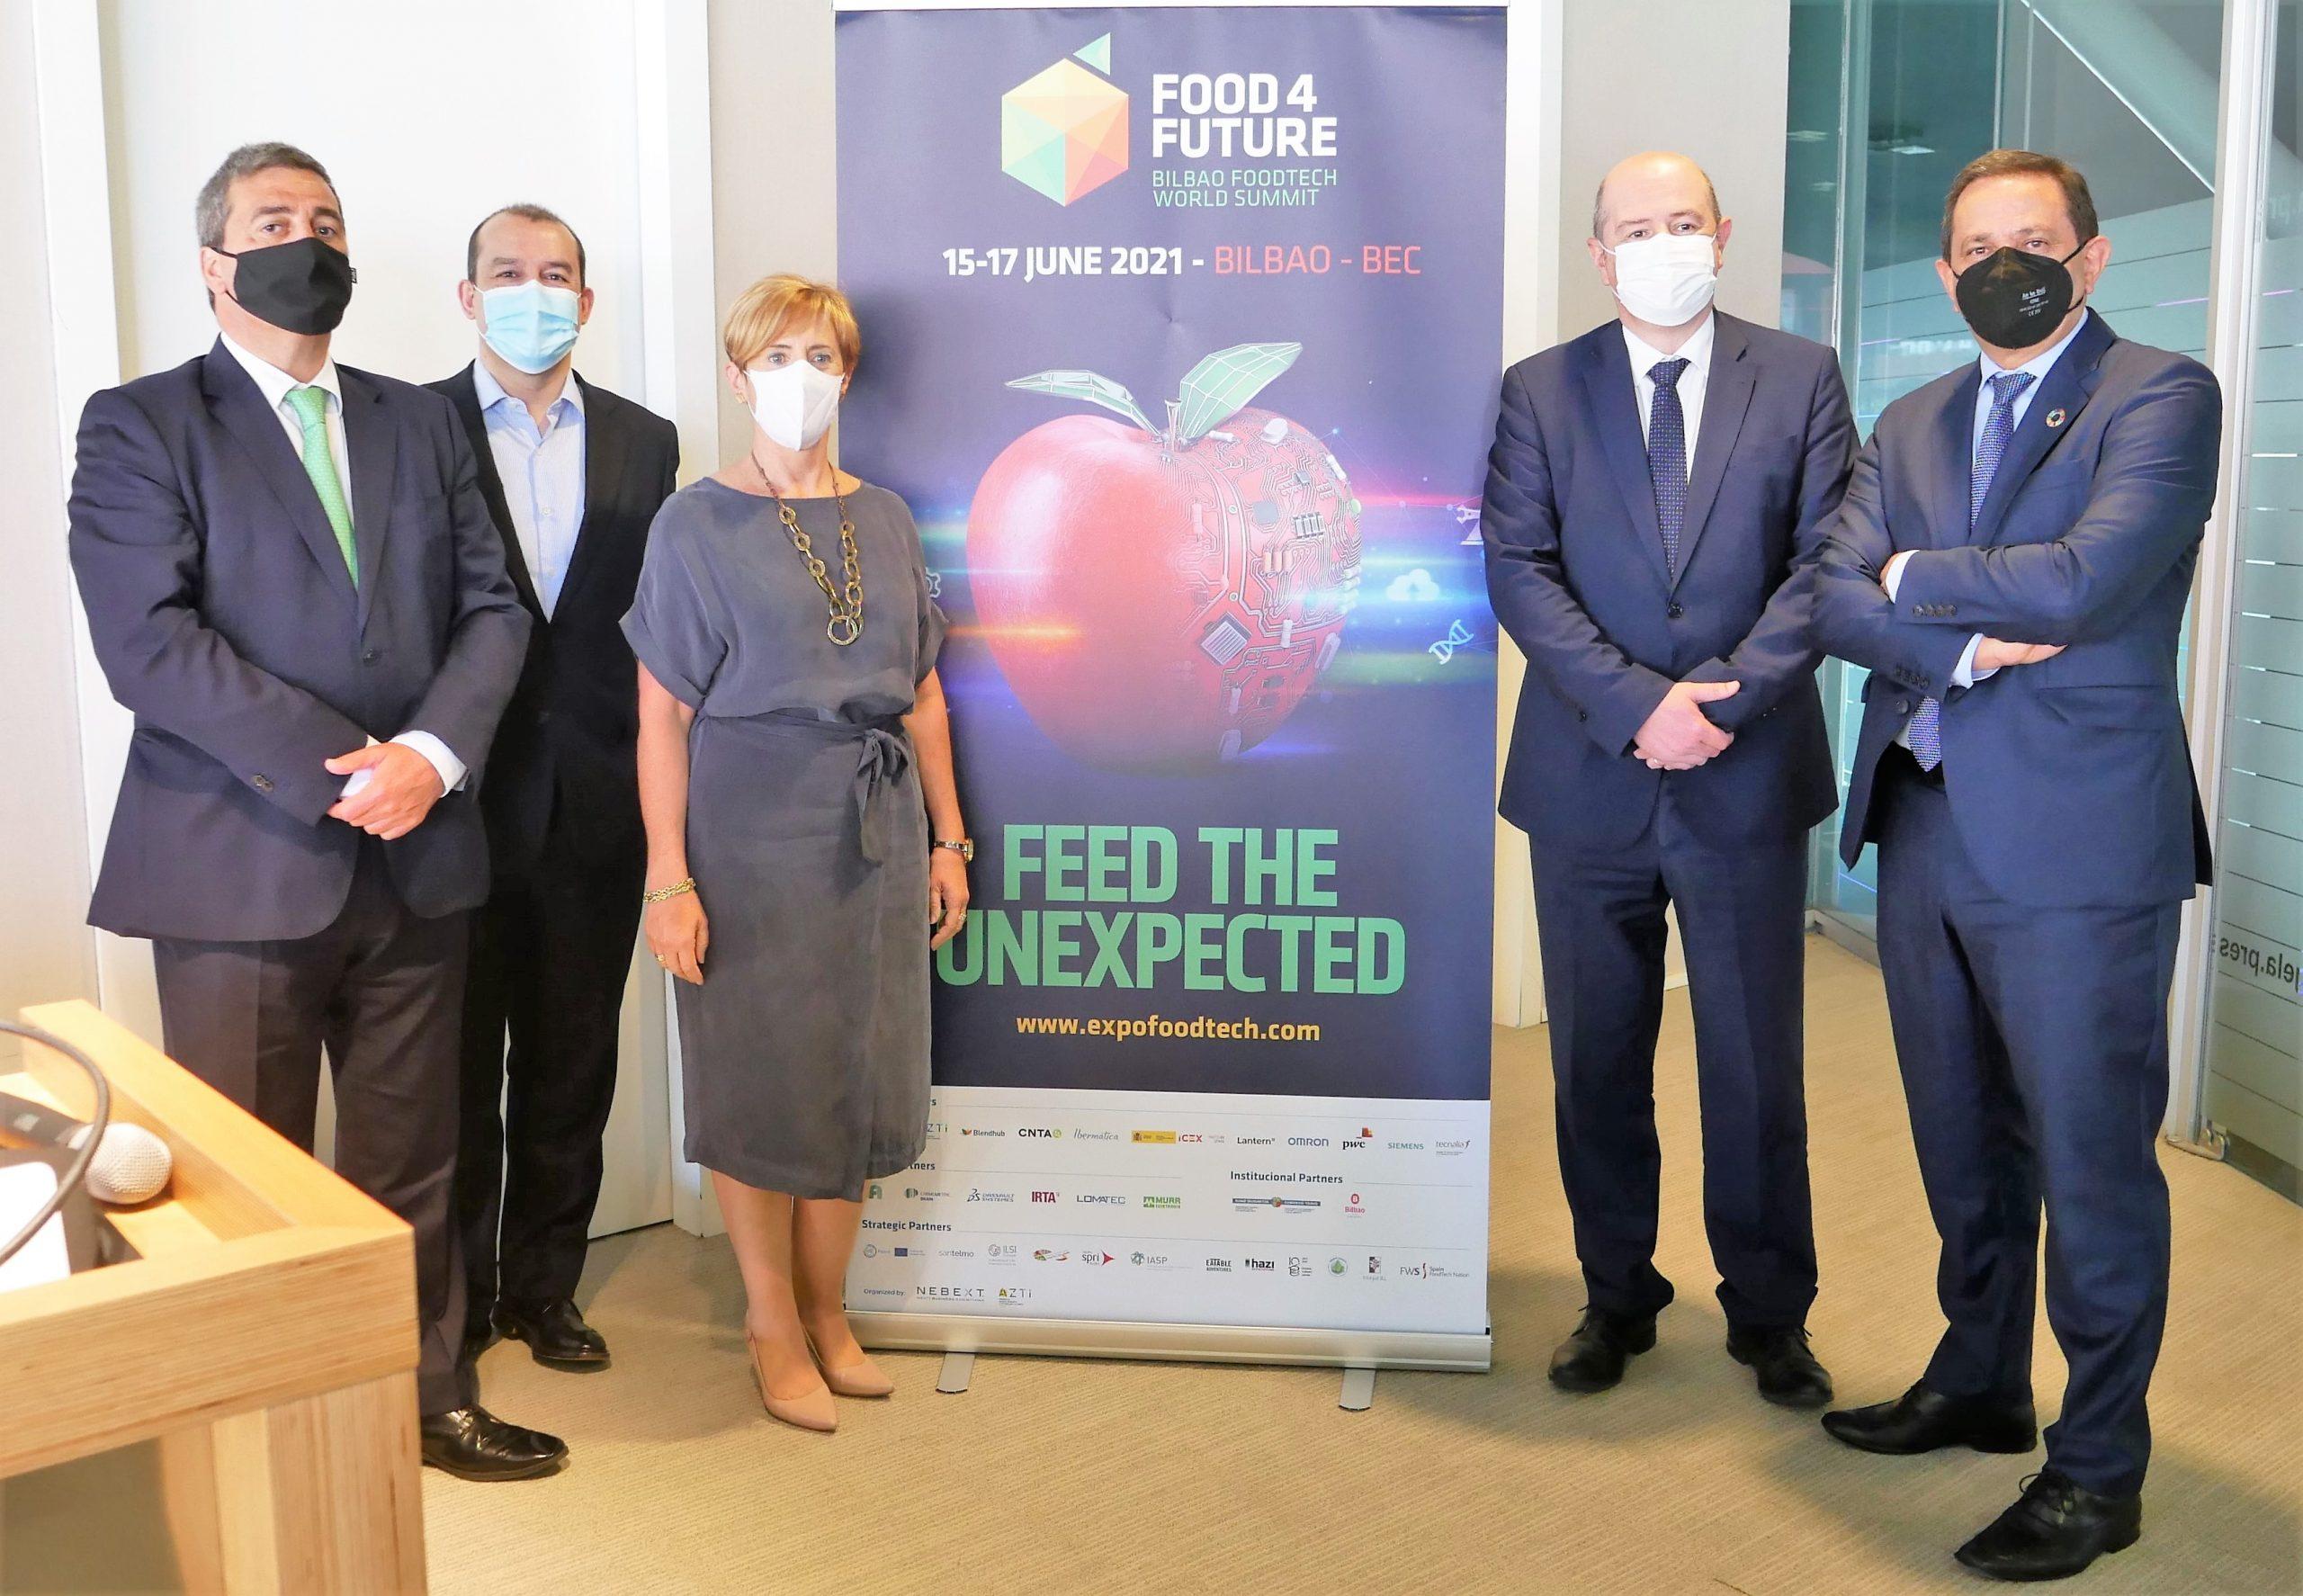 Food 4 Future reunirá a 5.000 congresistas del 15 al 17 de junio en Bilbao